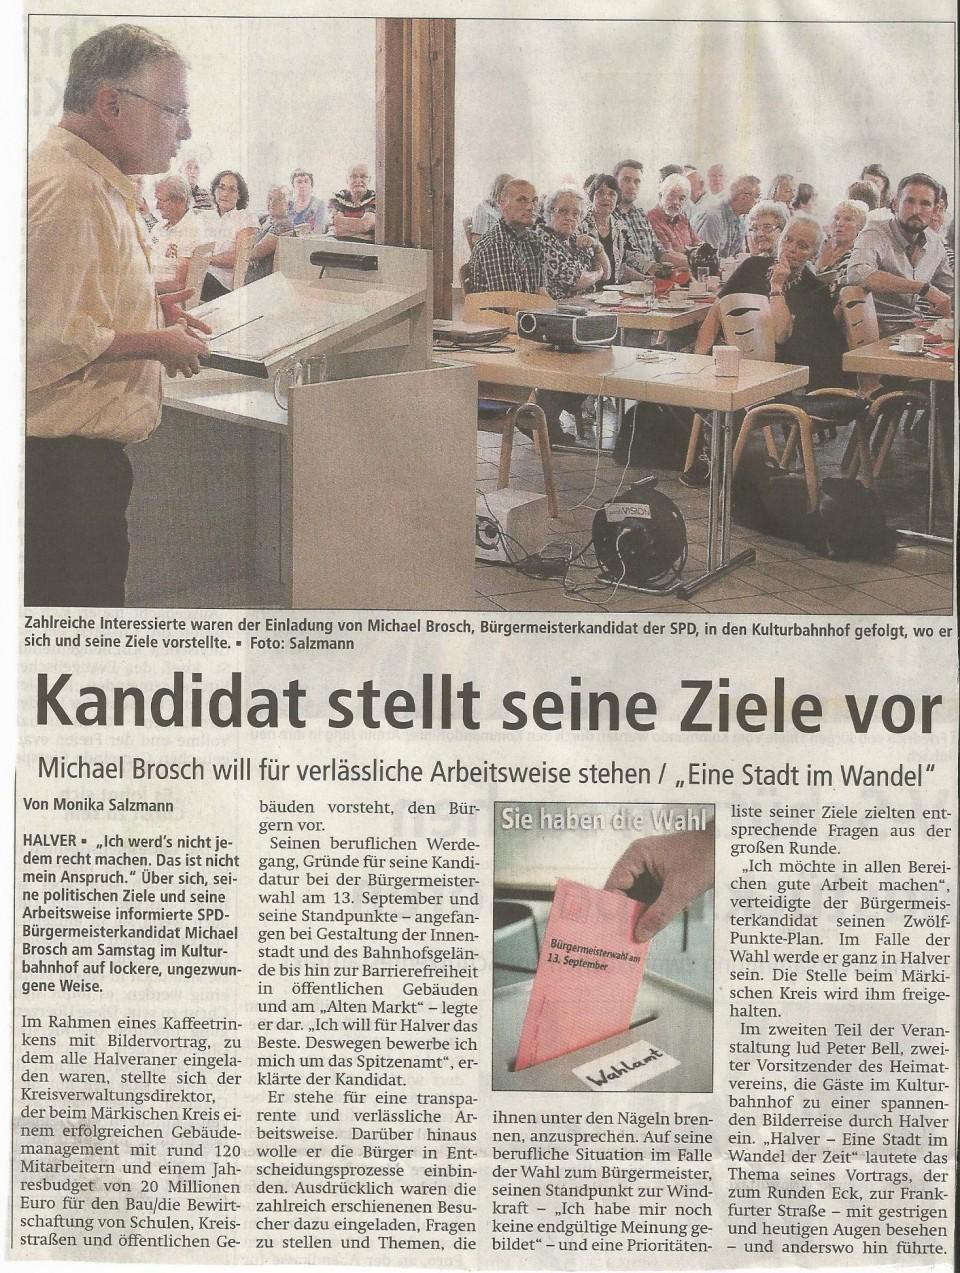 Bericht im AA vom 10.August zum Wahlkampfauftakt im Kulturbahnhof